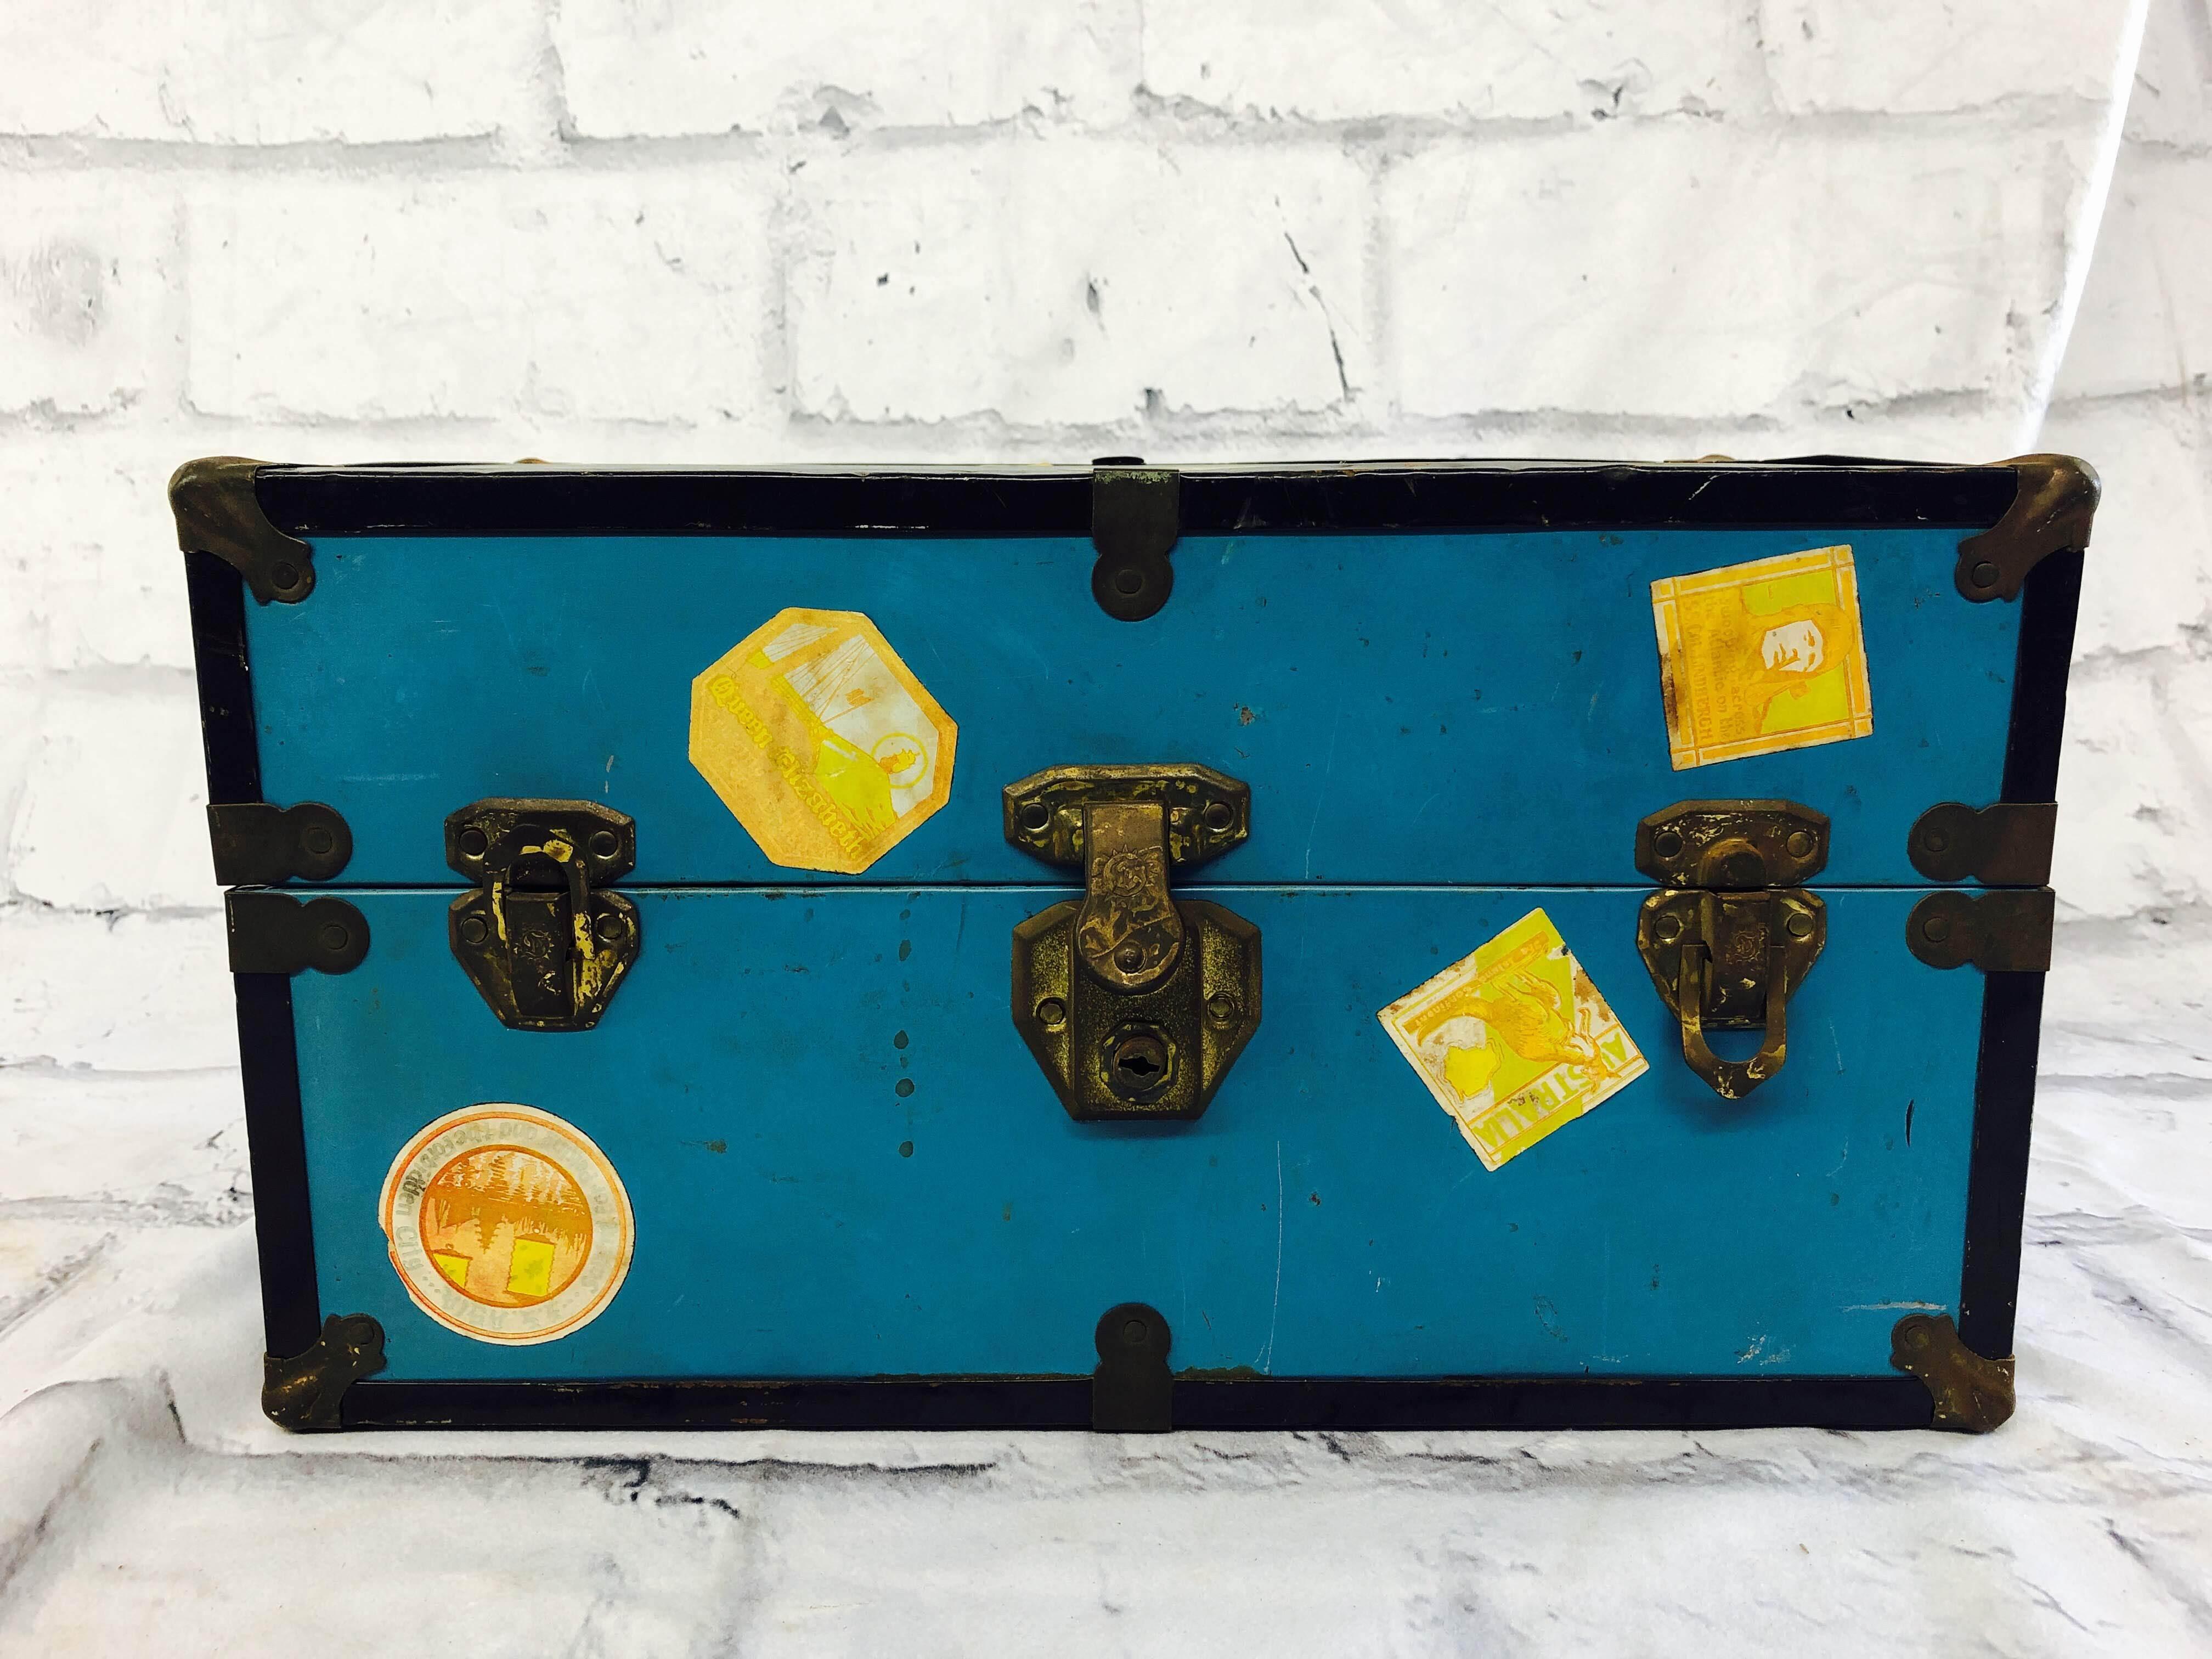 品番0099 ドールトランクケース ヴィンテージ ブルー トランクケース スーツケース  人形ケース